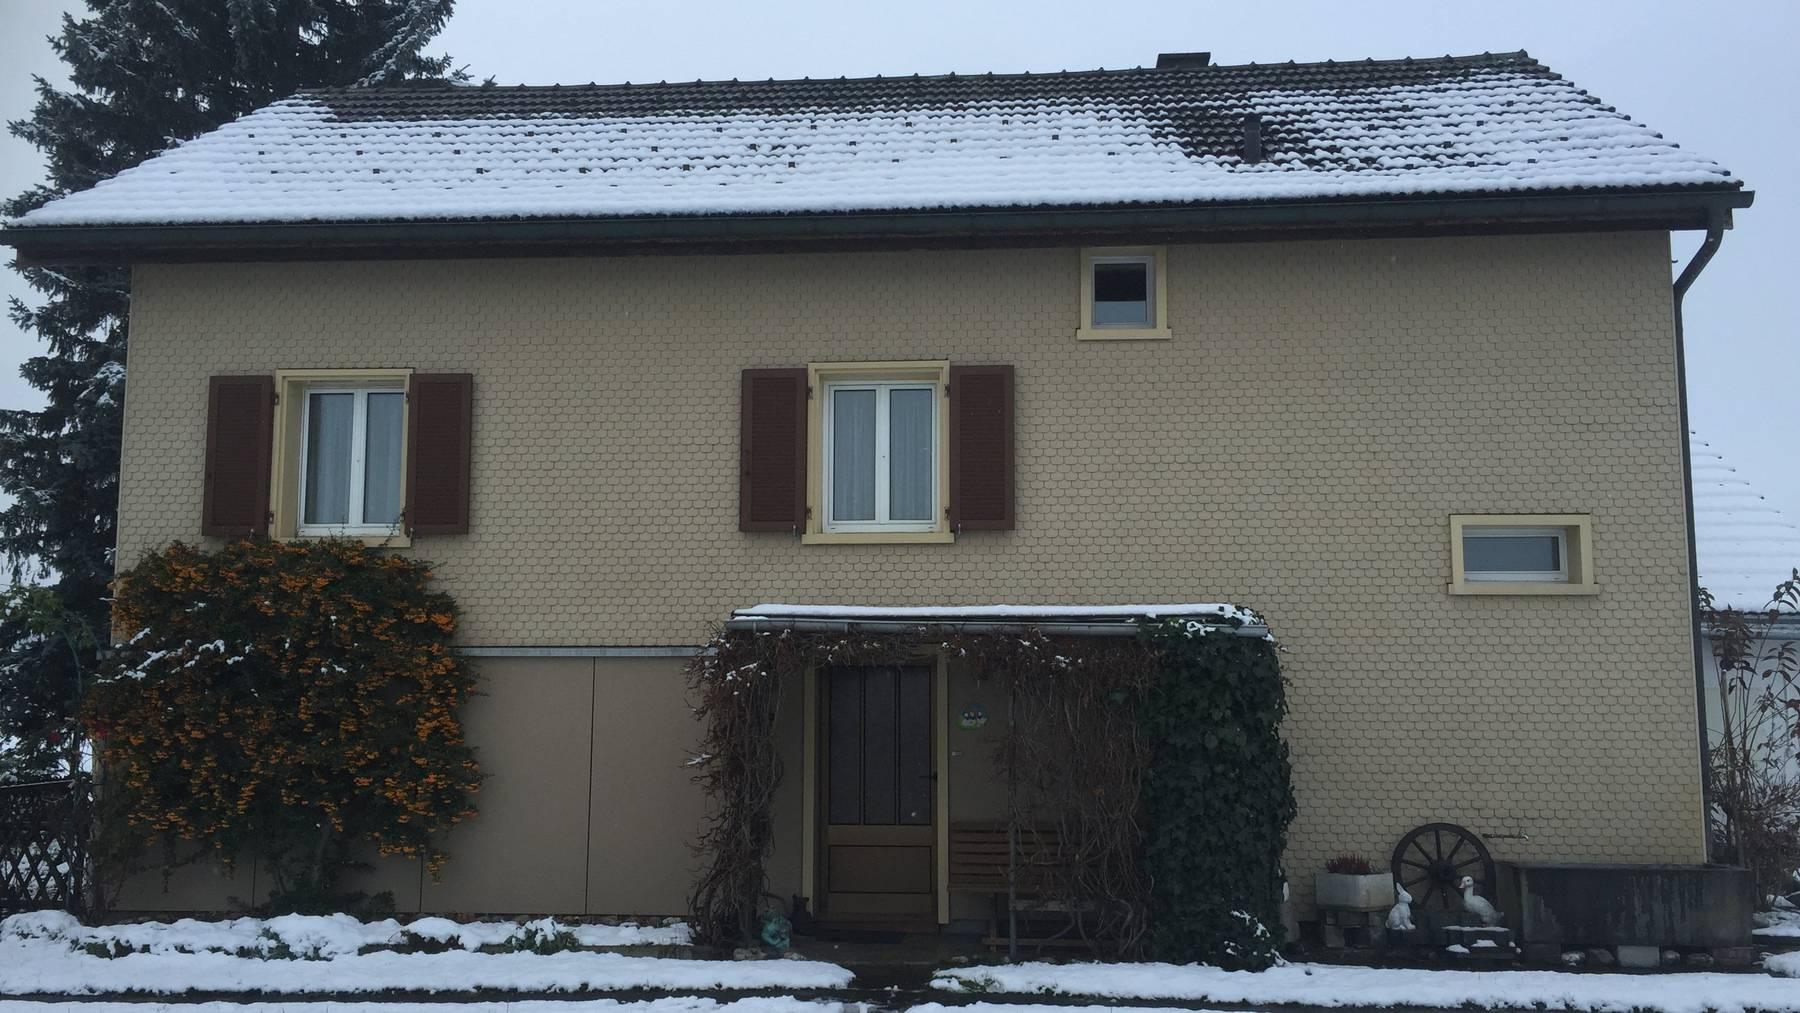 Vor diesem Haus in Grabs wurde der 45-jährige Schweizer niedergestochen.